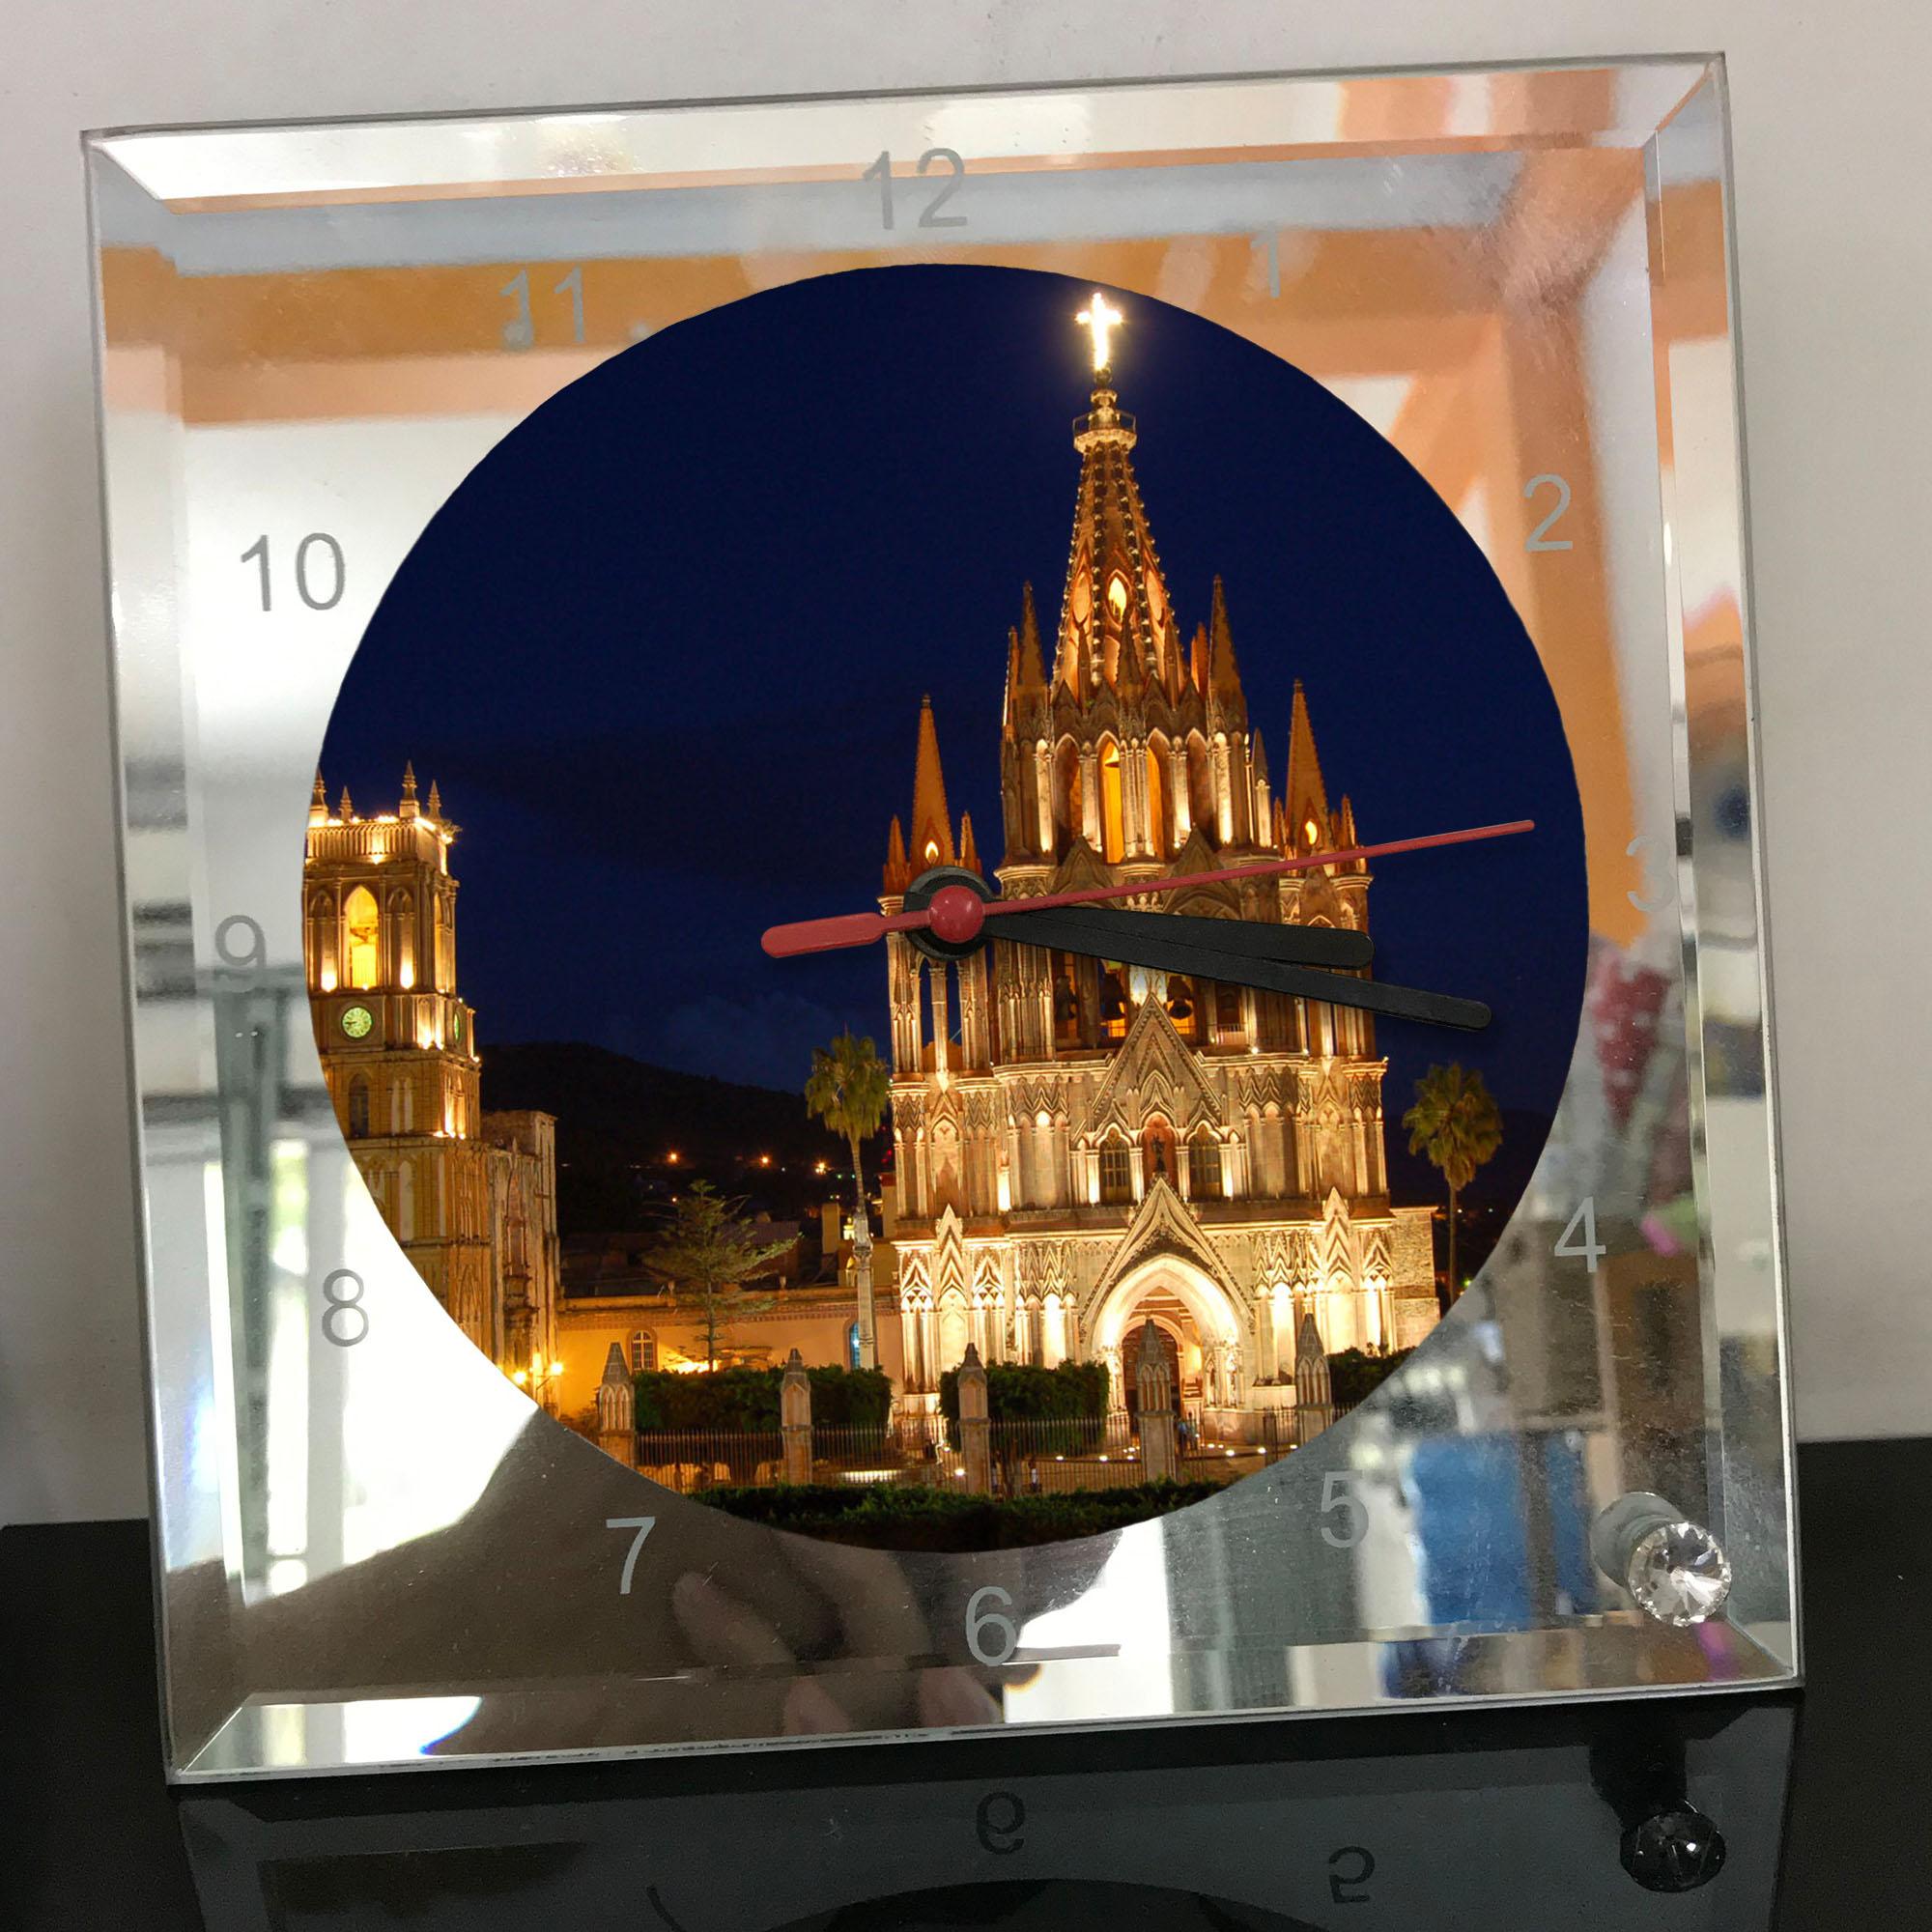 Đồng hồ thủy tinh vuông 20x20 in hình Cathedral - nhà thờ chính tòa (35) . Đồng hồ thủy tinh để bàn trang trí đẹp chủ đề tôn giáo